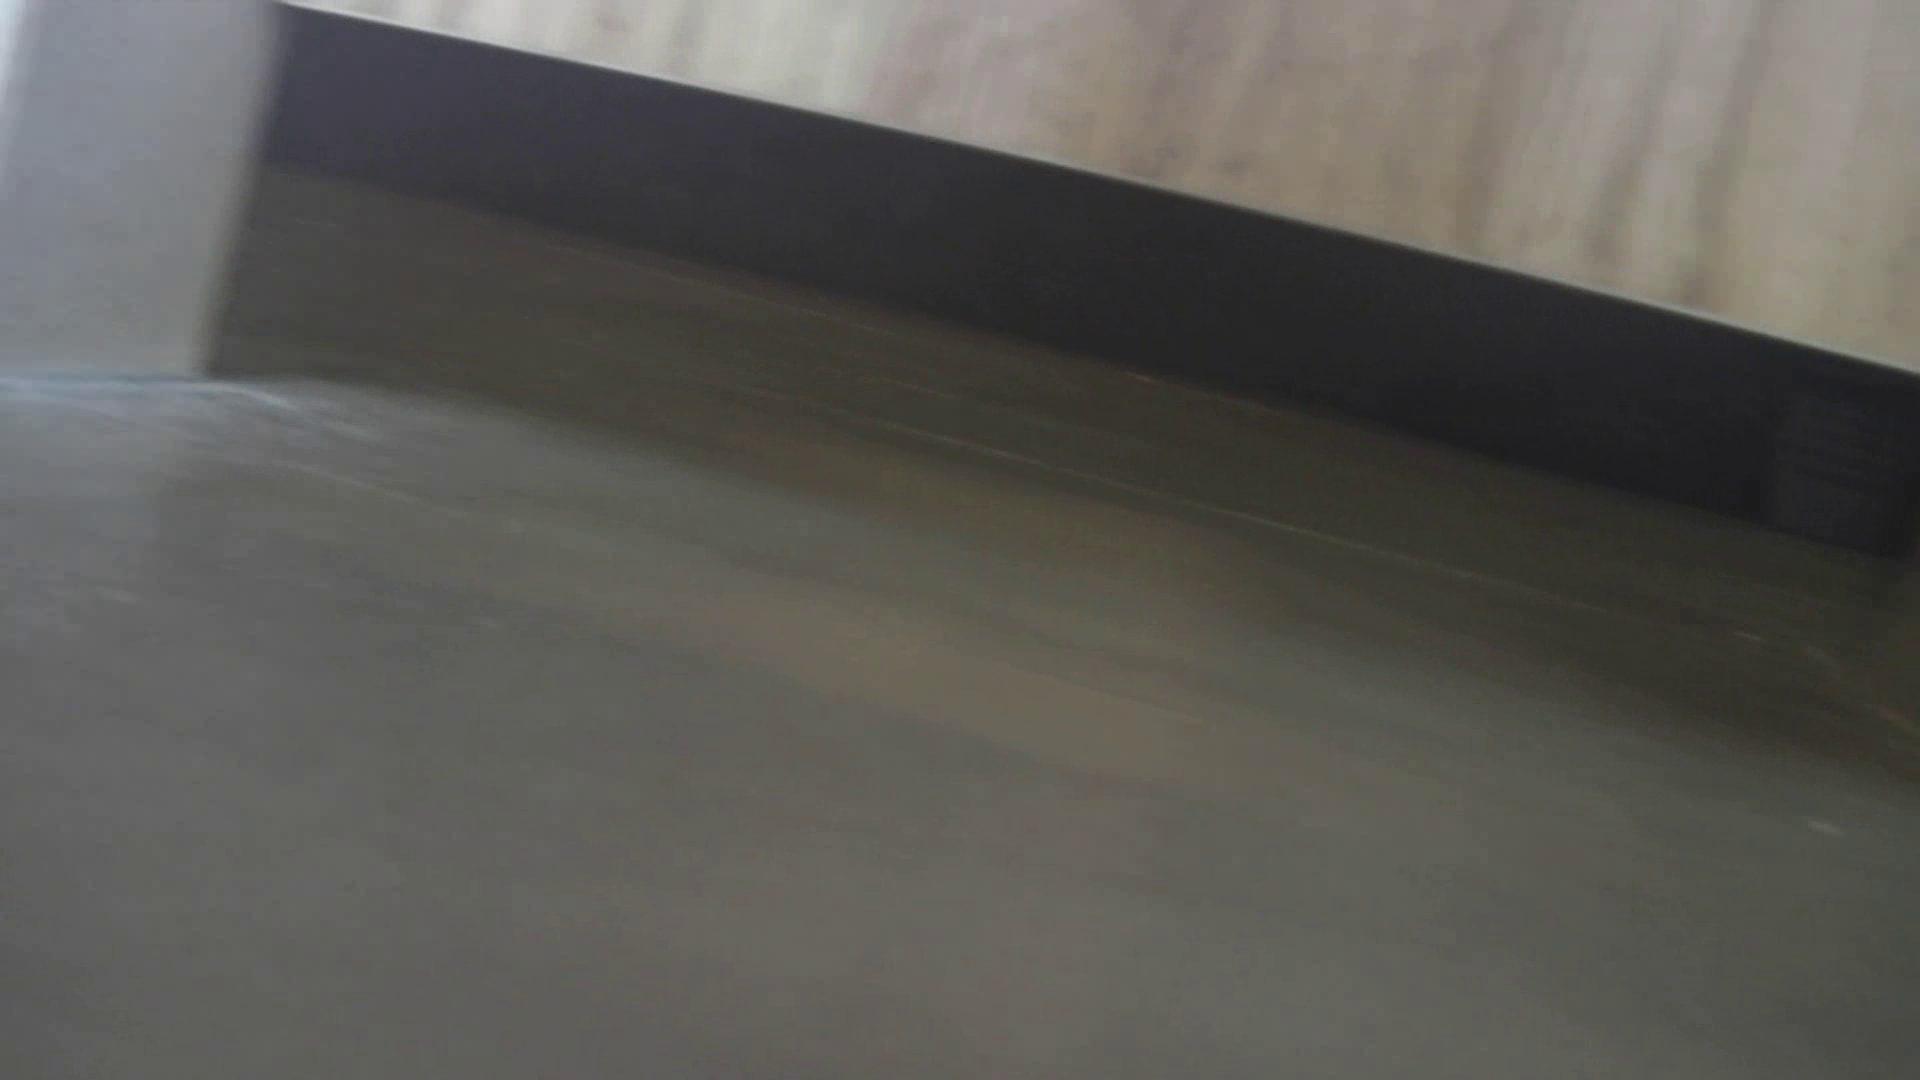 阿国ちゃんの「和式洋式七変化」No.16 和式便所 盗撮 102枚 15